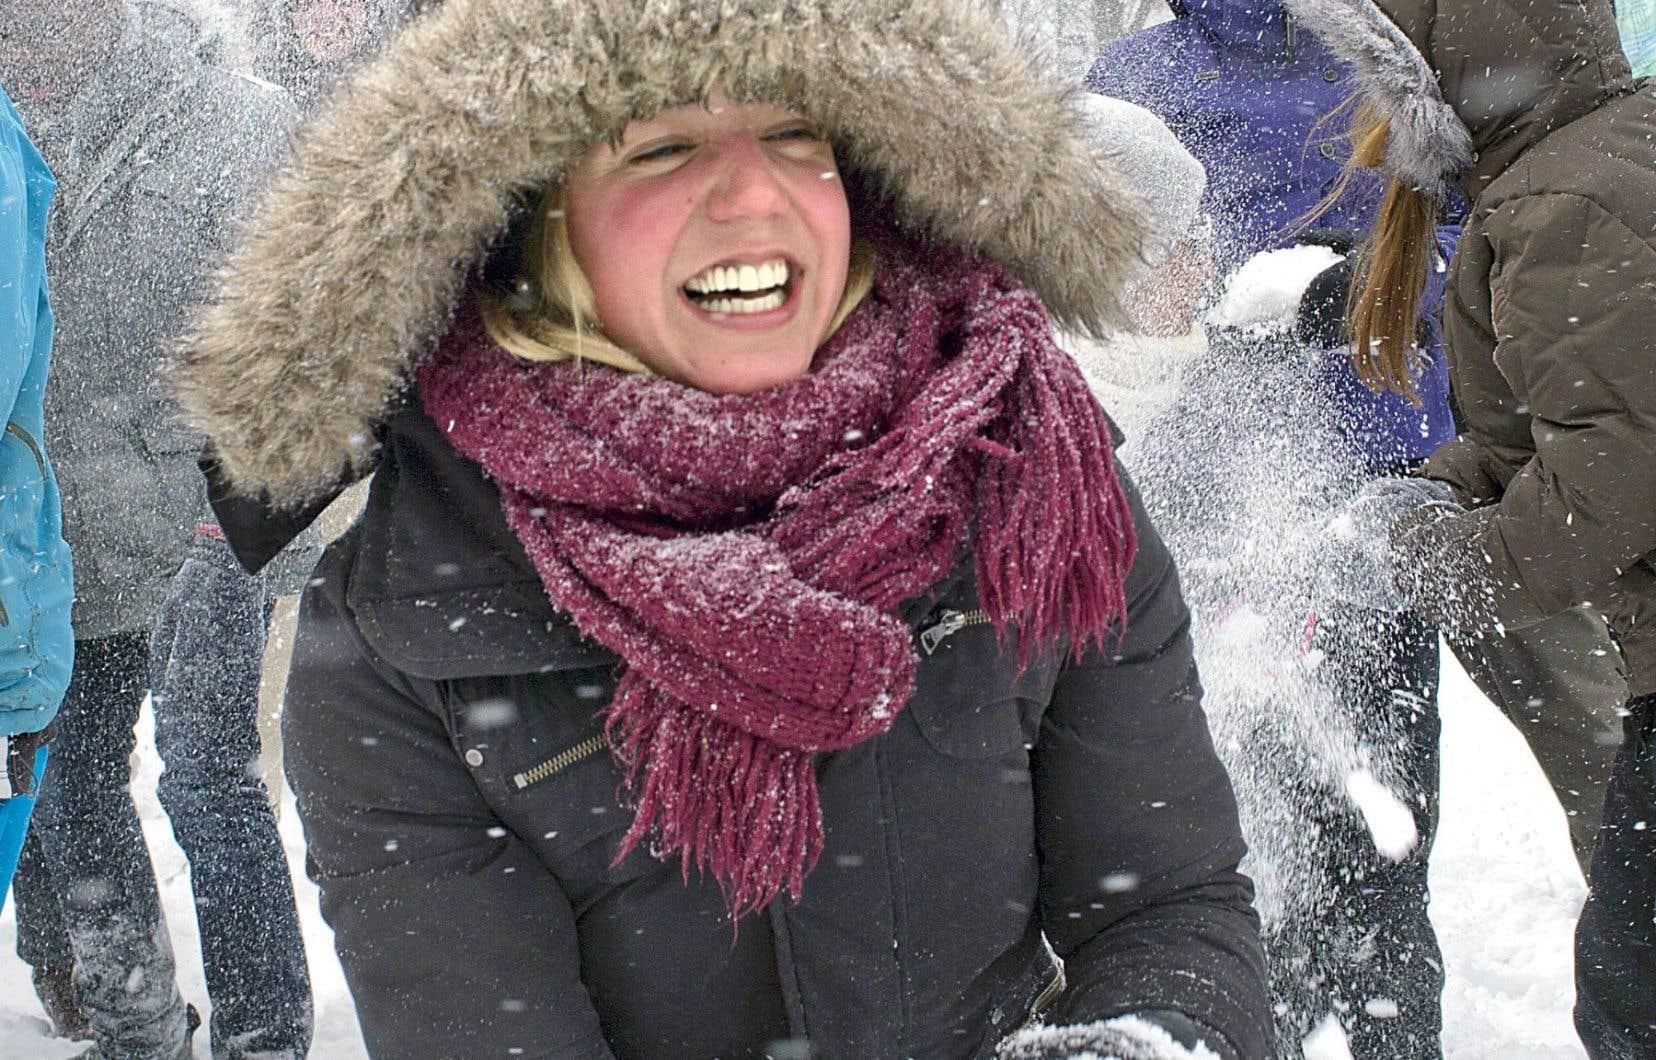 Les batailles de boules de neige (quand il y en a!) organisées dans les parcs de Montréal contribuent au nouvel hiver urbain, animé et assumé.